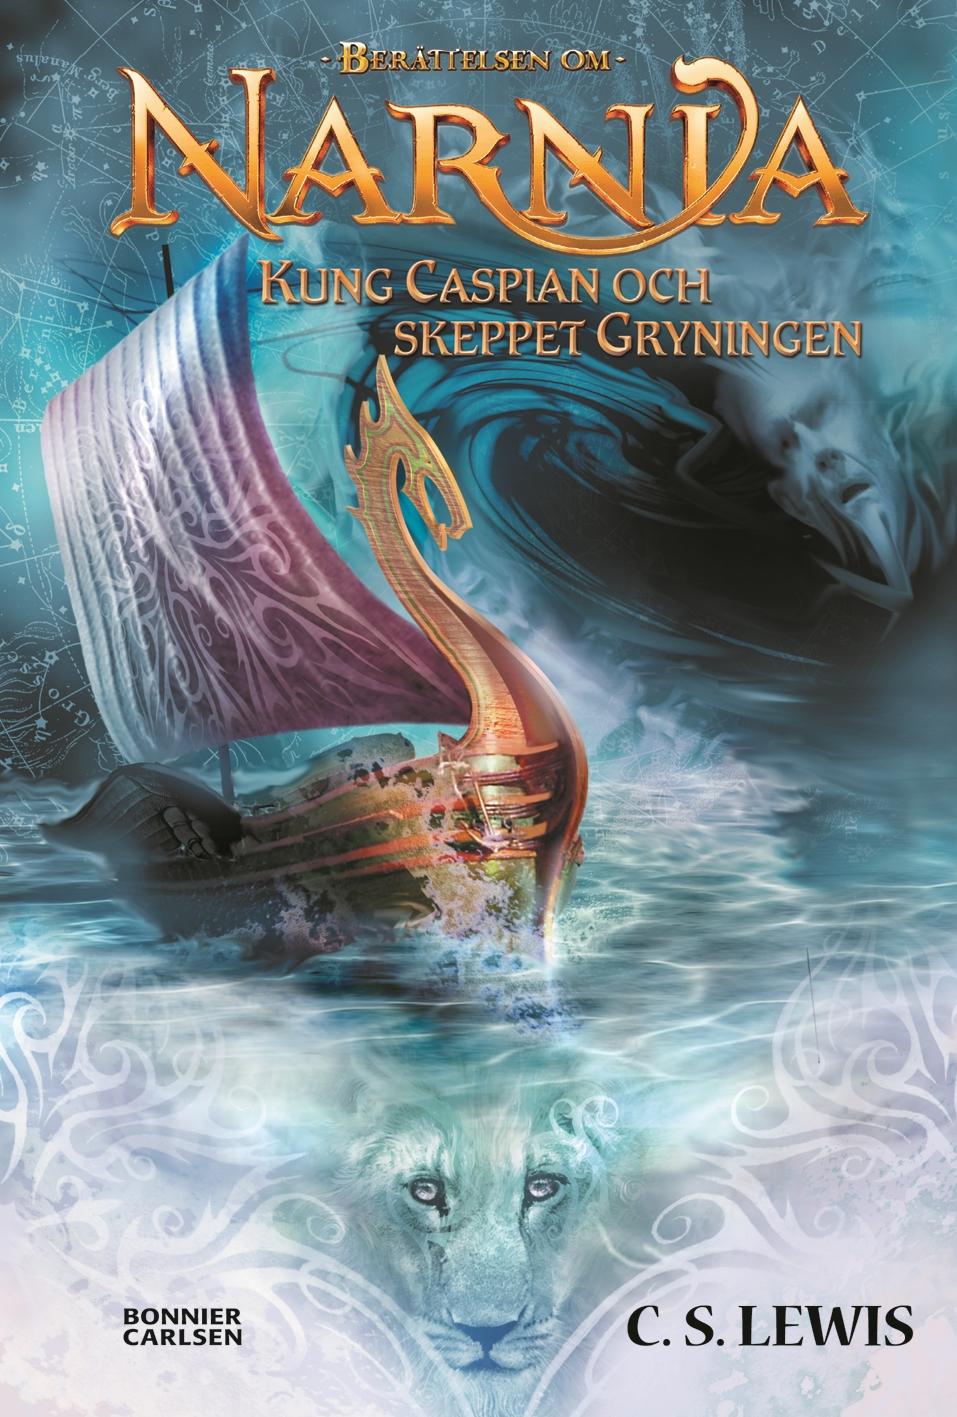 Narnia kung caspian och skeppet gryningen